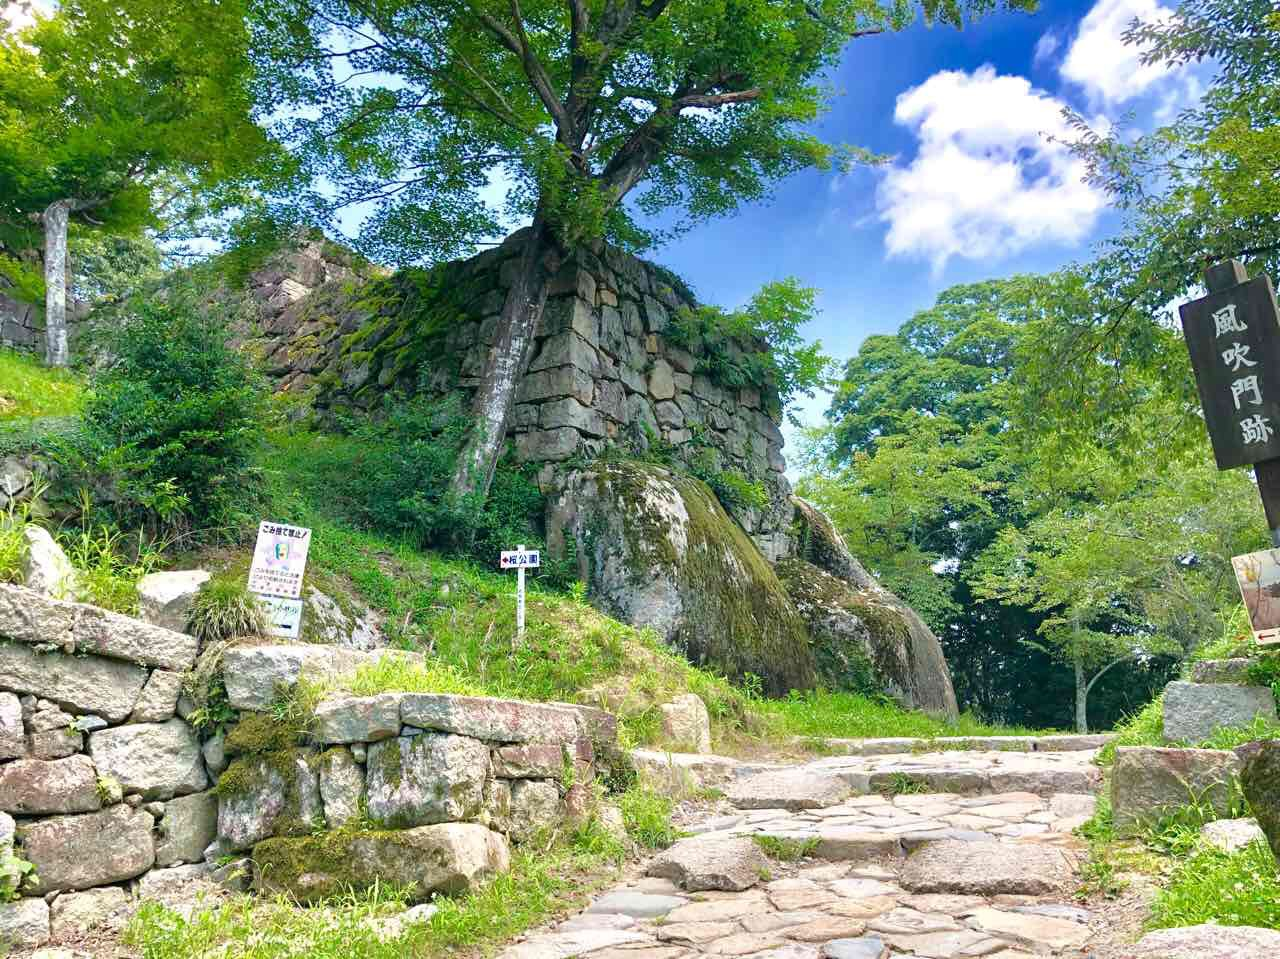 山城観光跡遺跡